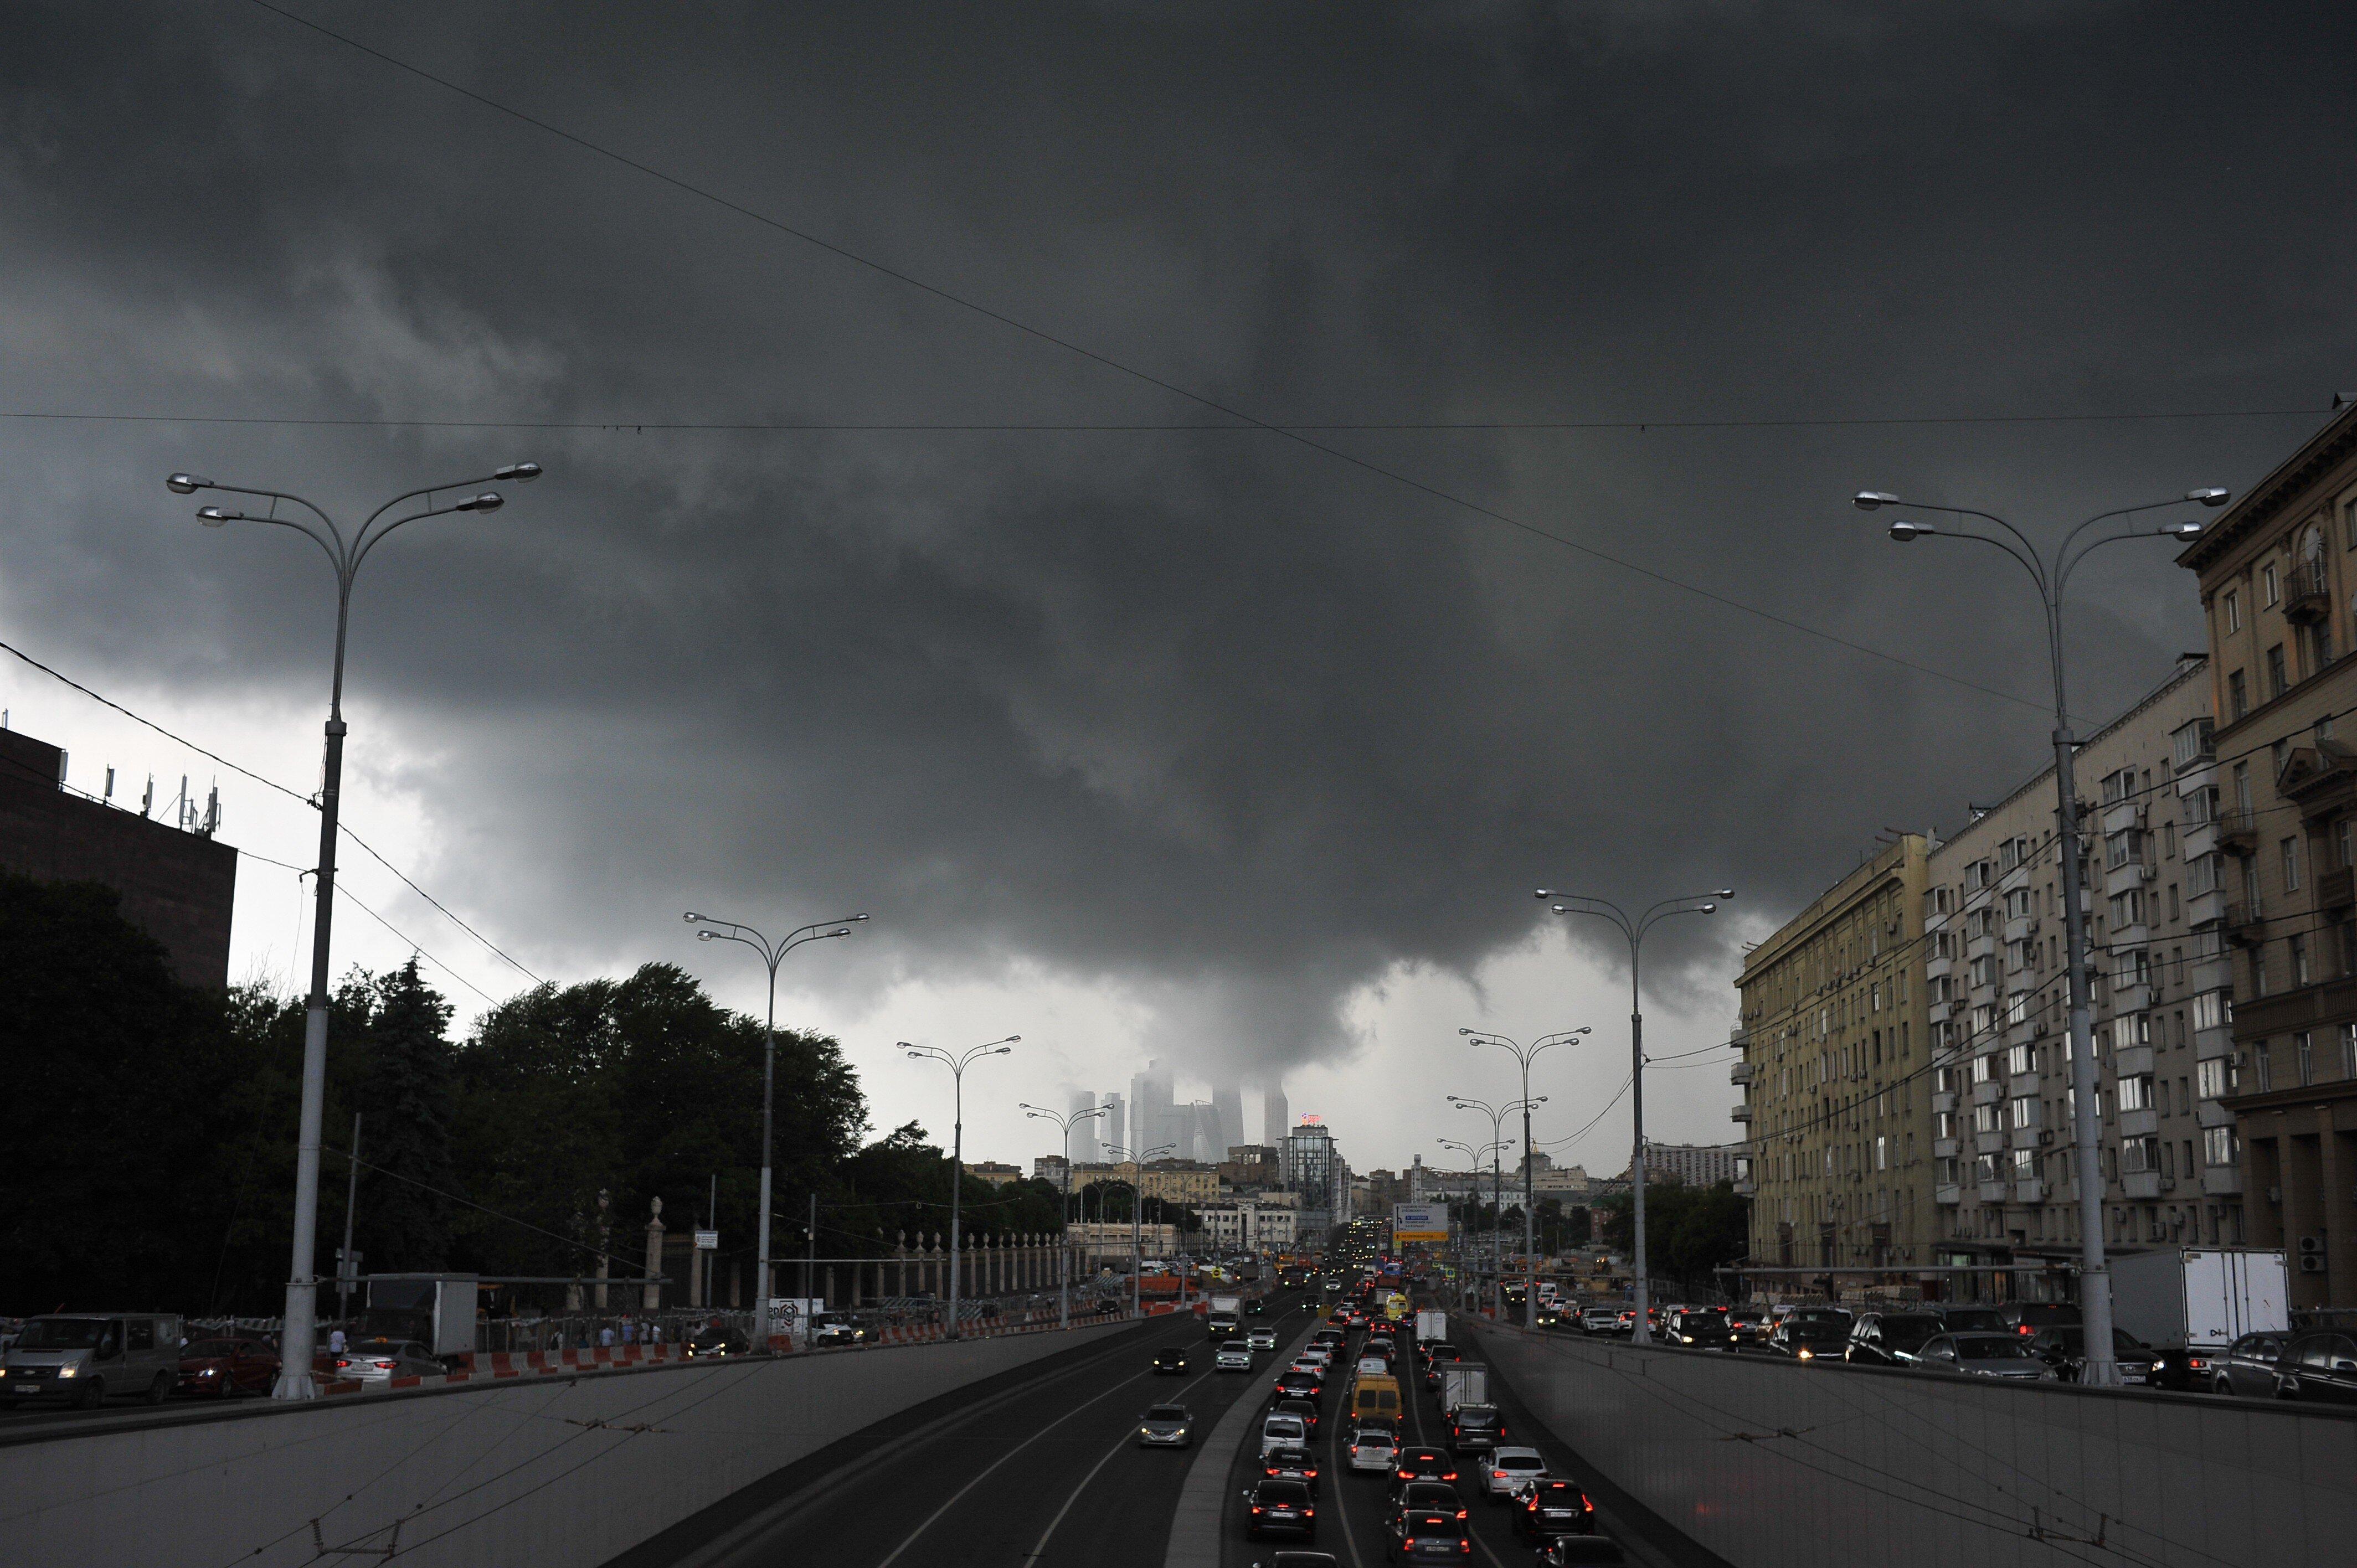 Жителей Москвы предупредили о грозе и шквалистом ветре в ближайшие часы